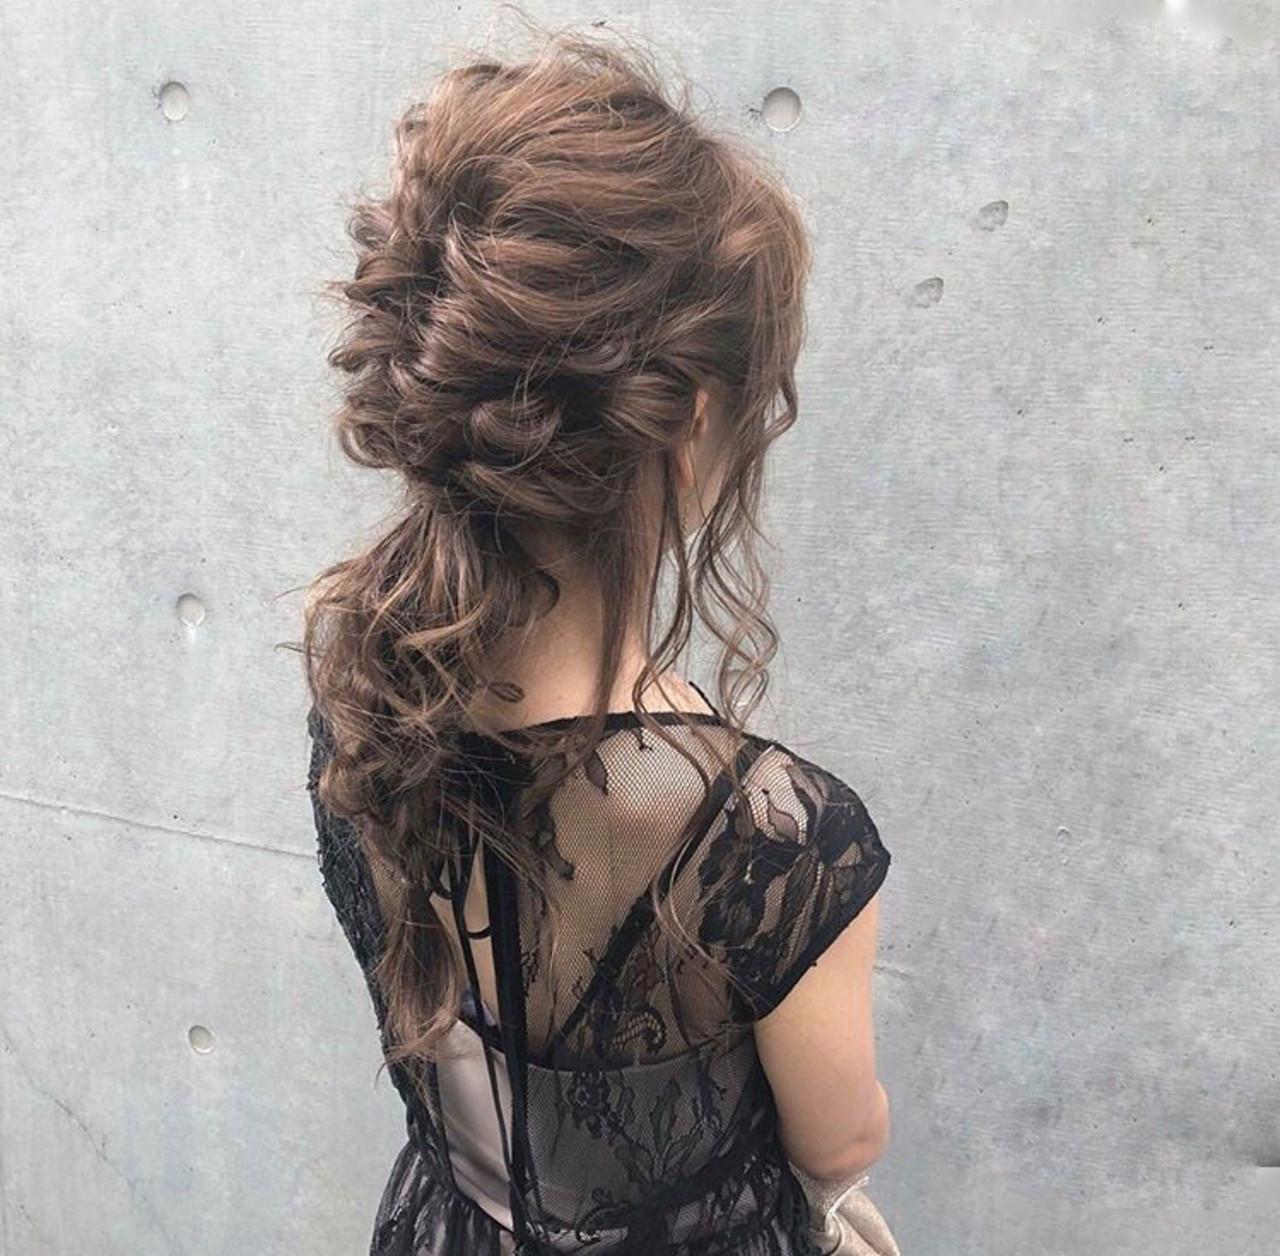 フェミニン 結婚式 簡単ヘアアレンジ セミロングヘアスタイルや髪型の写真・画像